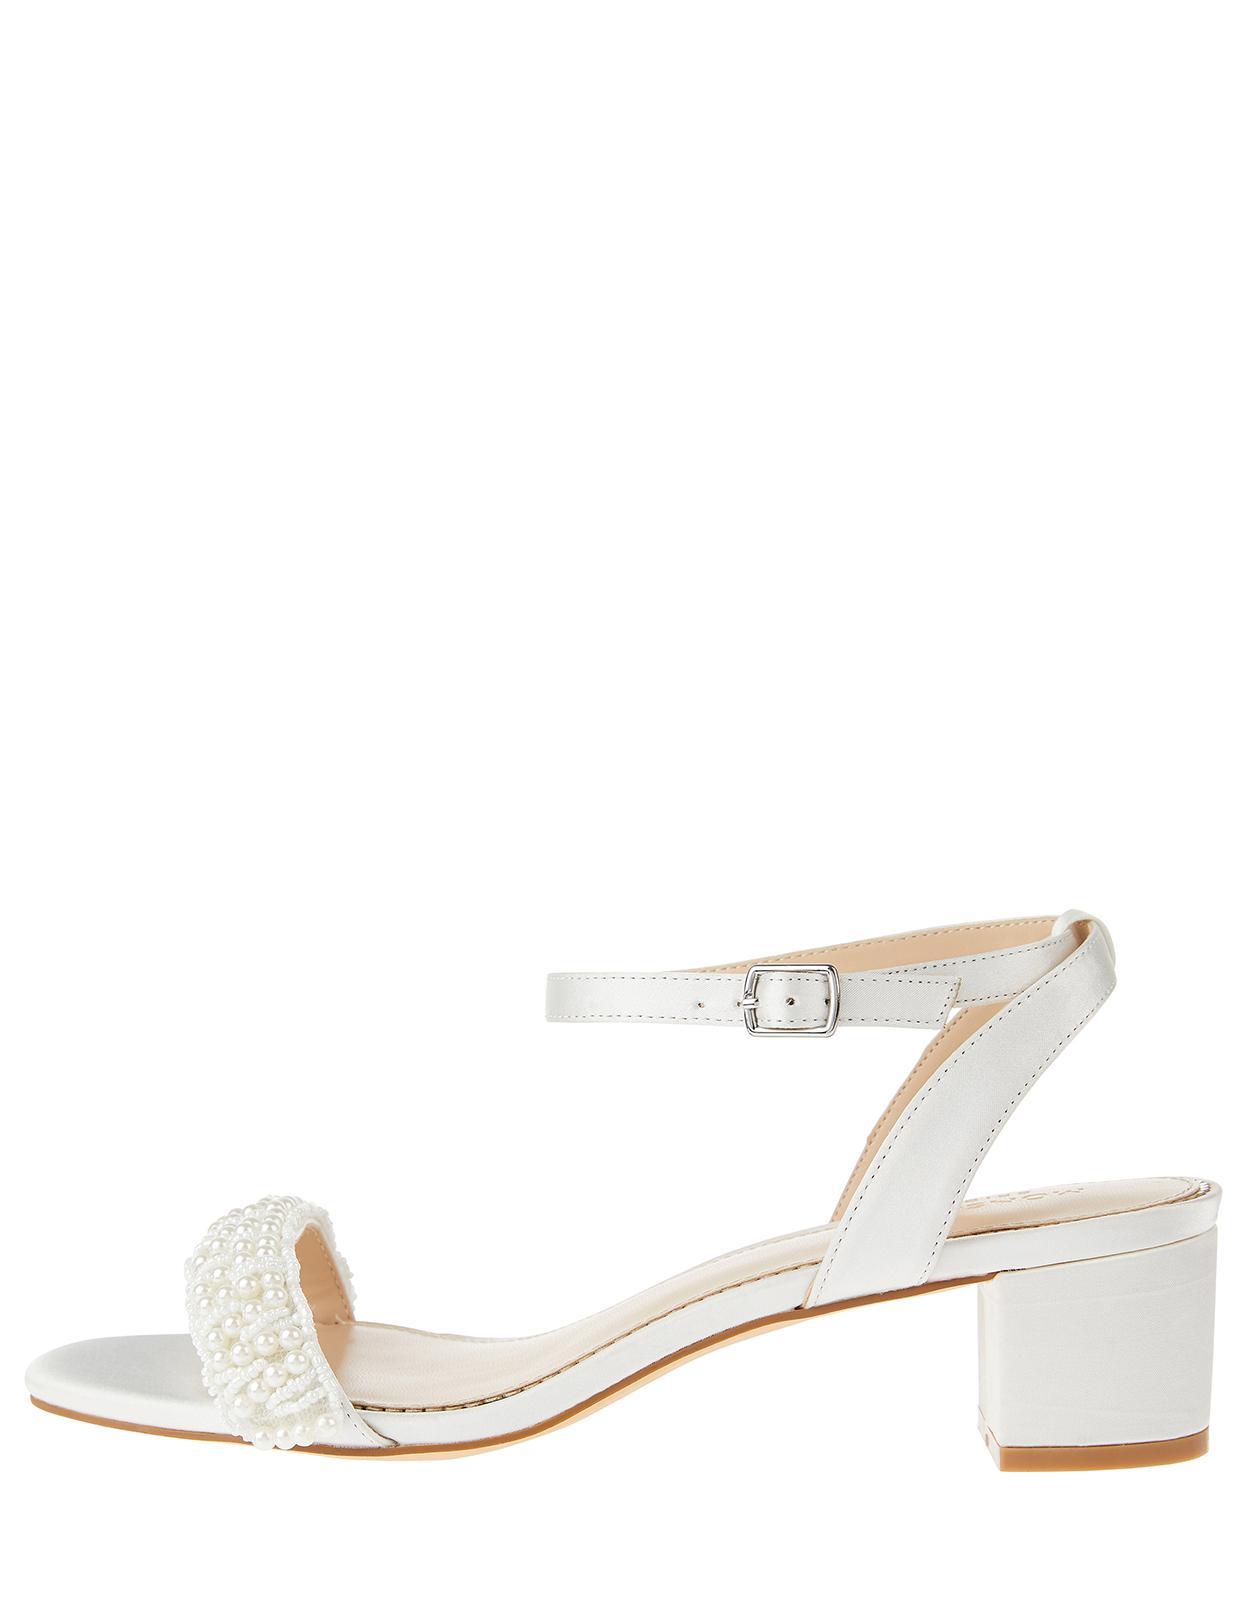 22dd0d98e95d Monsoon Laurel Pearl Low Block Heel Sandals in White - Lyst